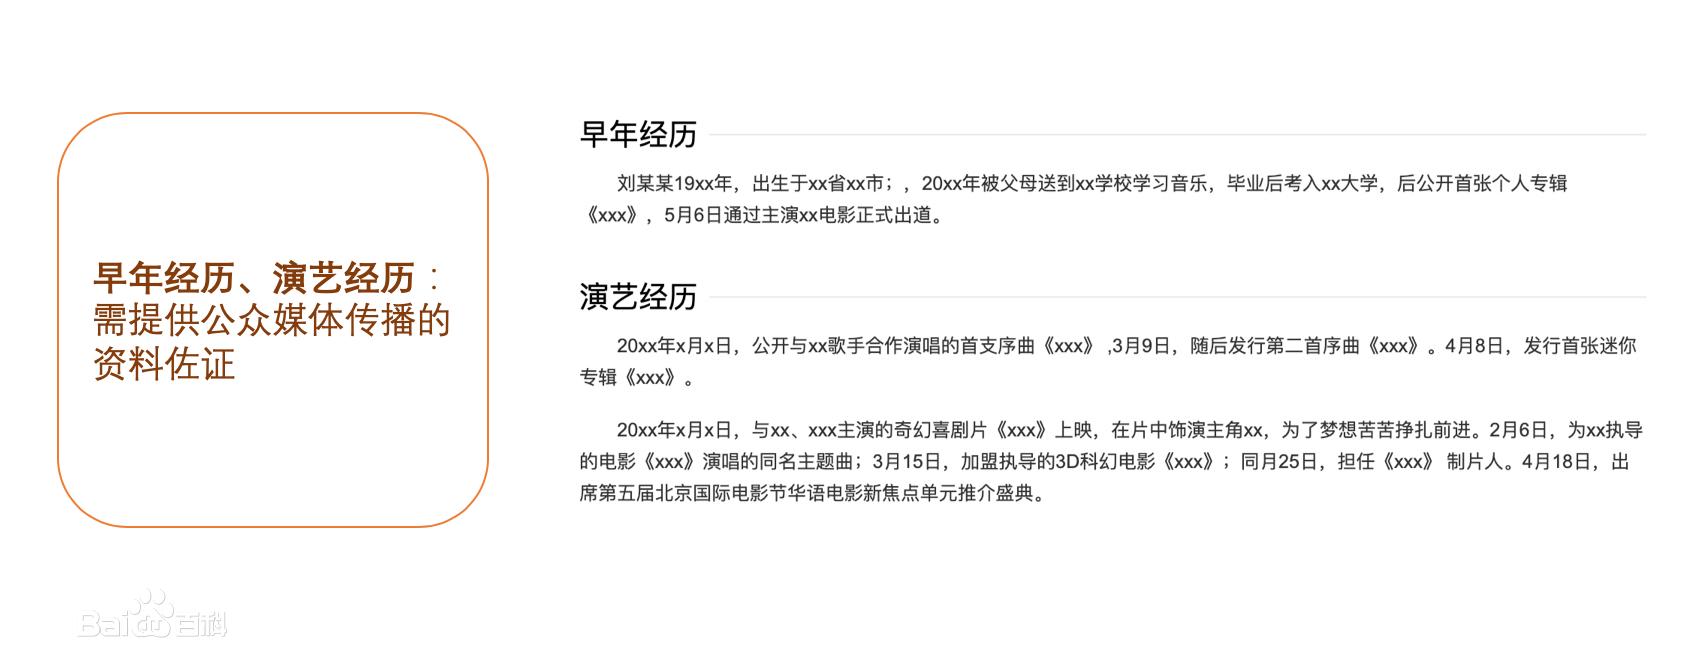 艺人演员明星人物百度百科怎么创建更新代做优化 (http://www.jiagao.net/) 百科创建 第3张